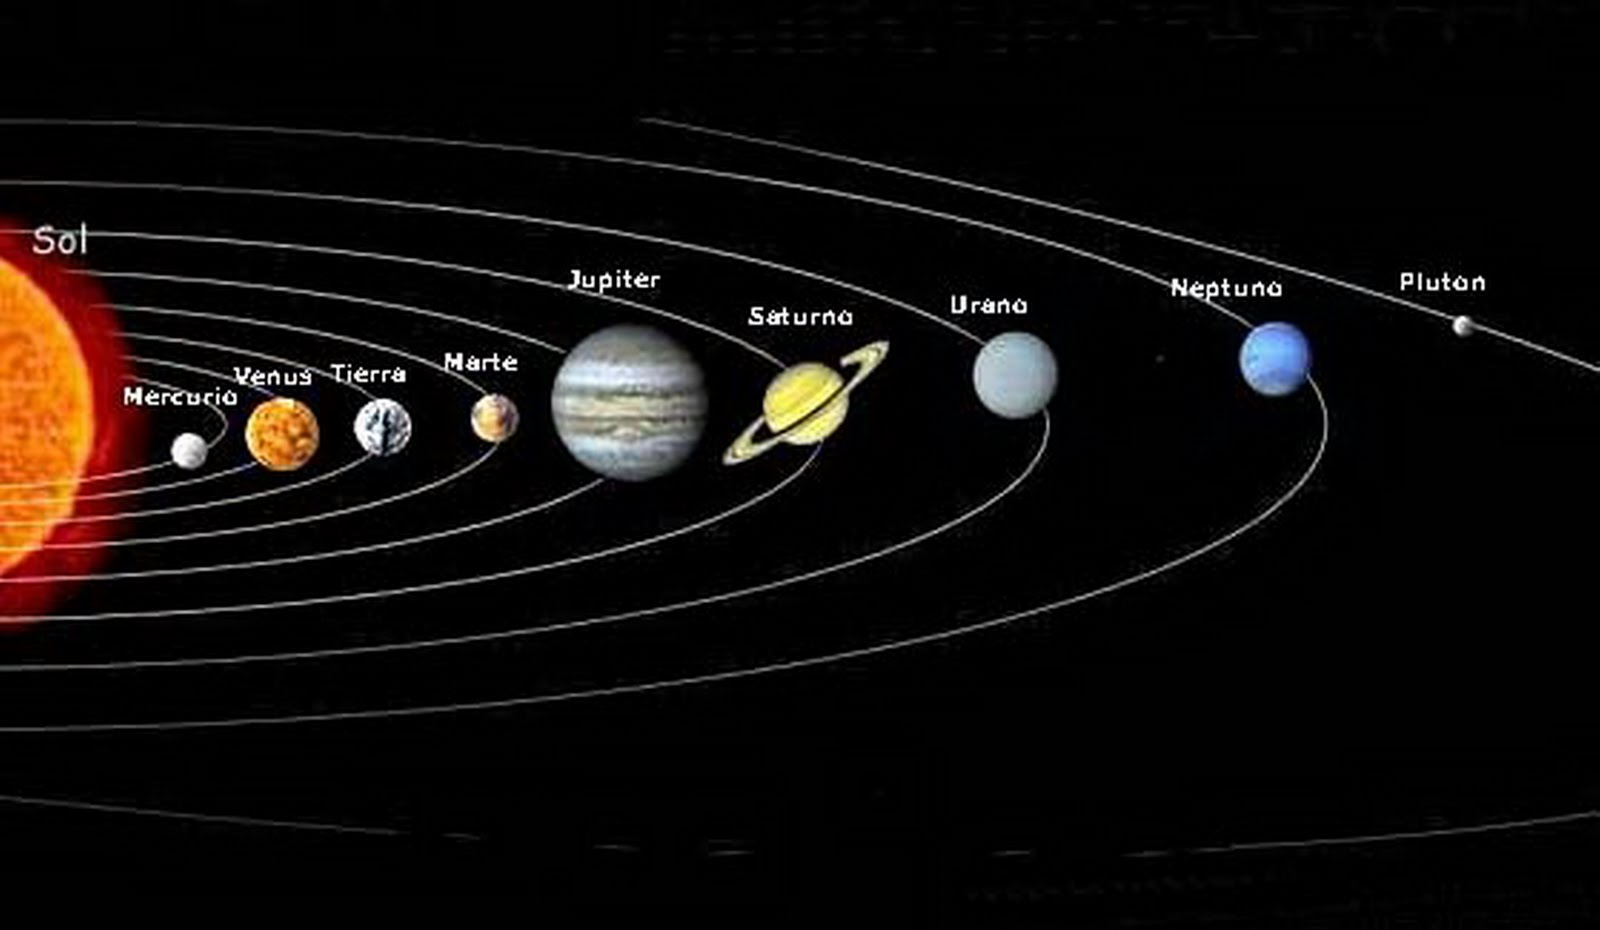 Los Nombres De Los Planetas Inspirados En Zeus Y Otros Dioses Griegos Greciaaplicada